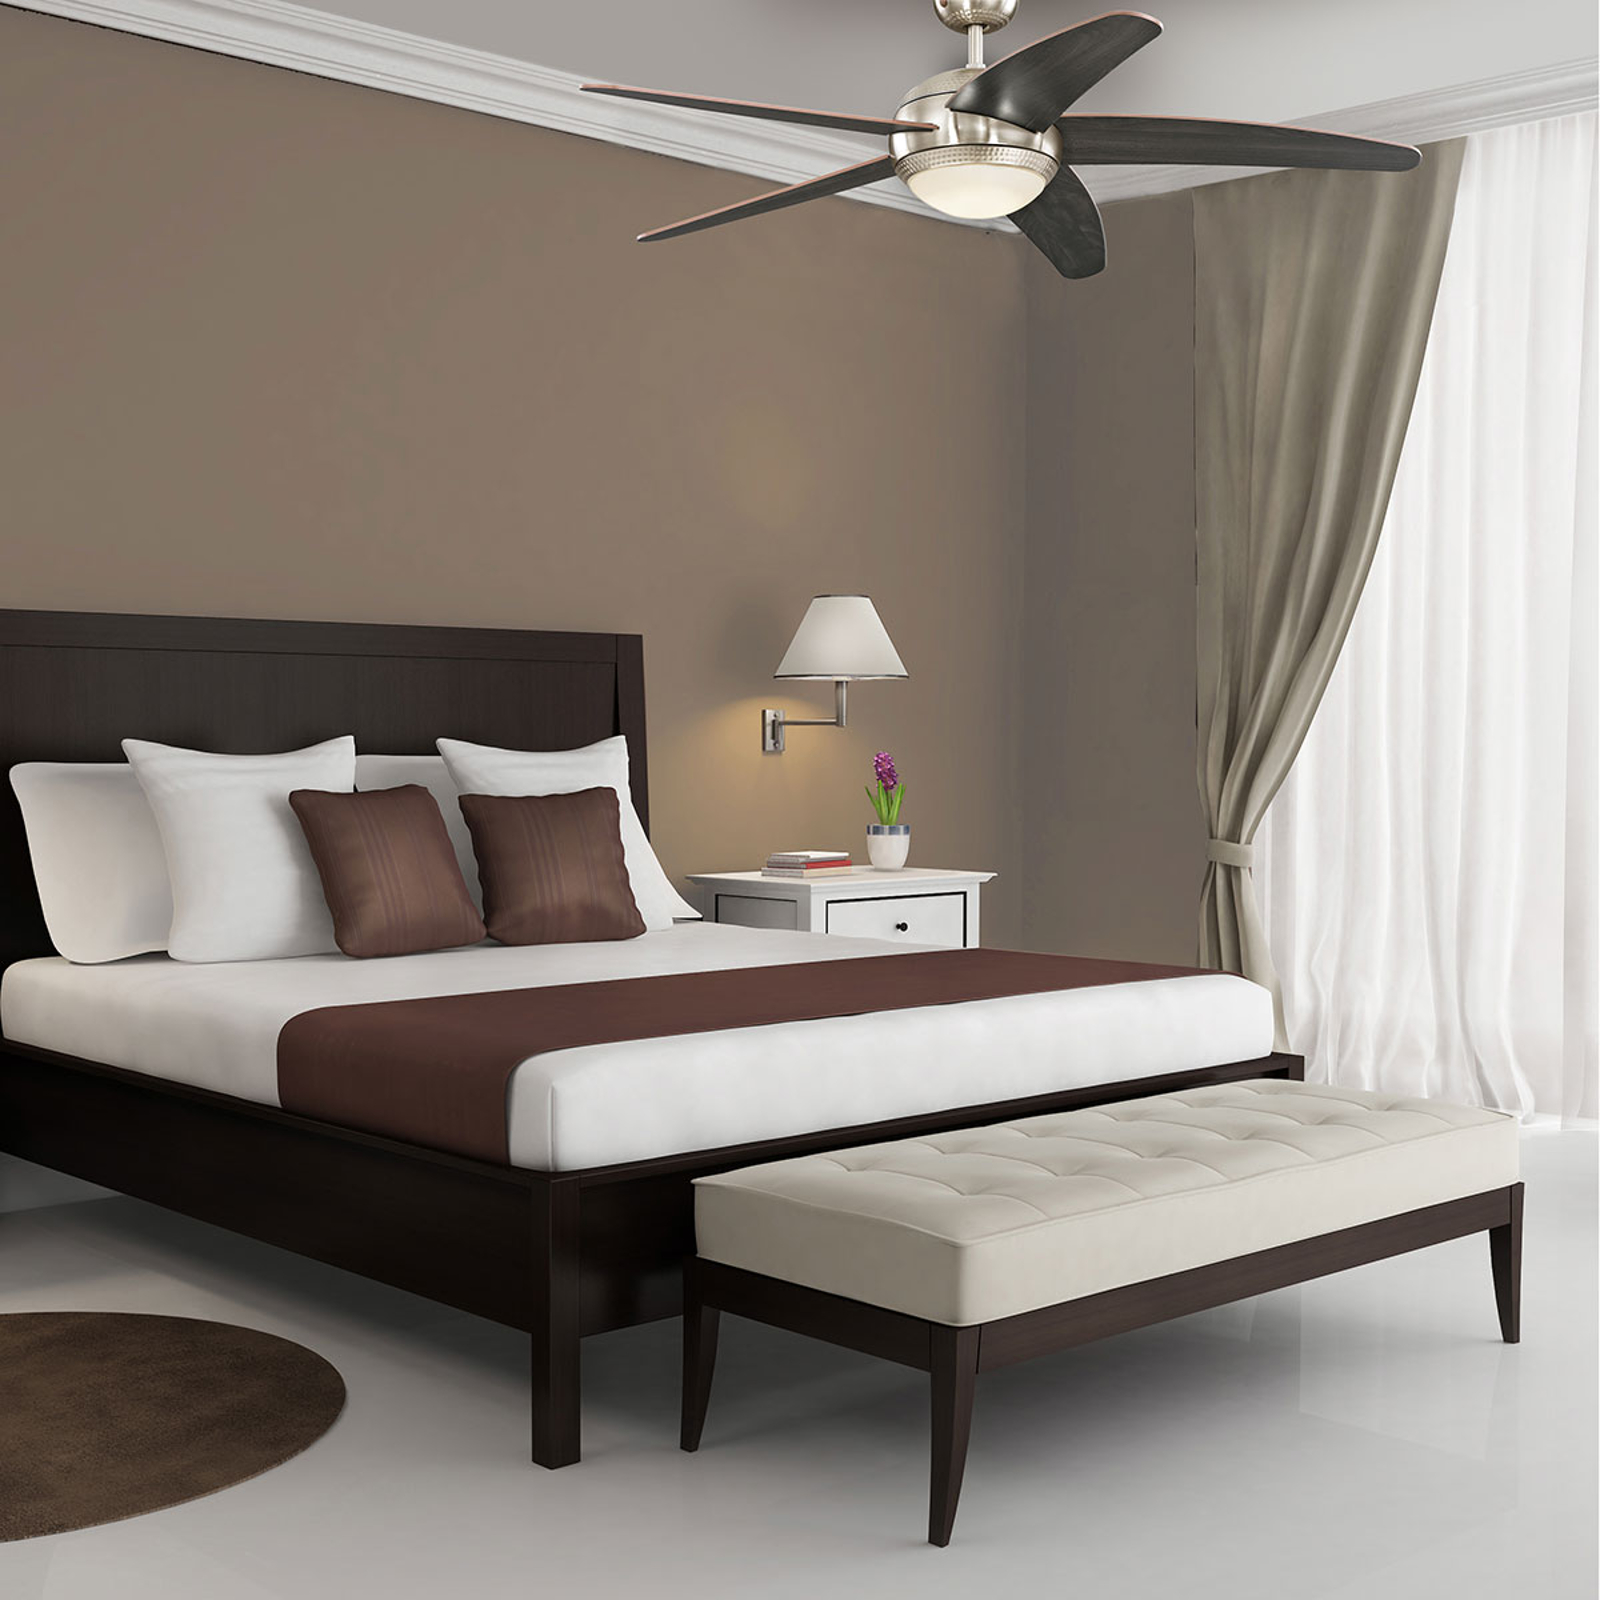 Ventilateur de plafond LED Bendan, pales en wengé